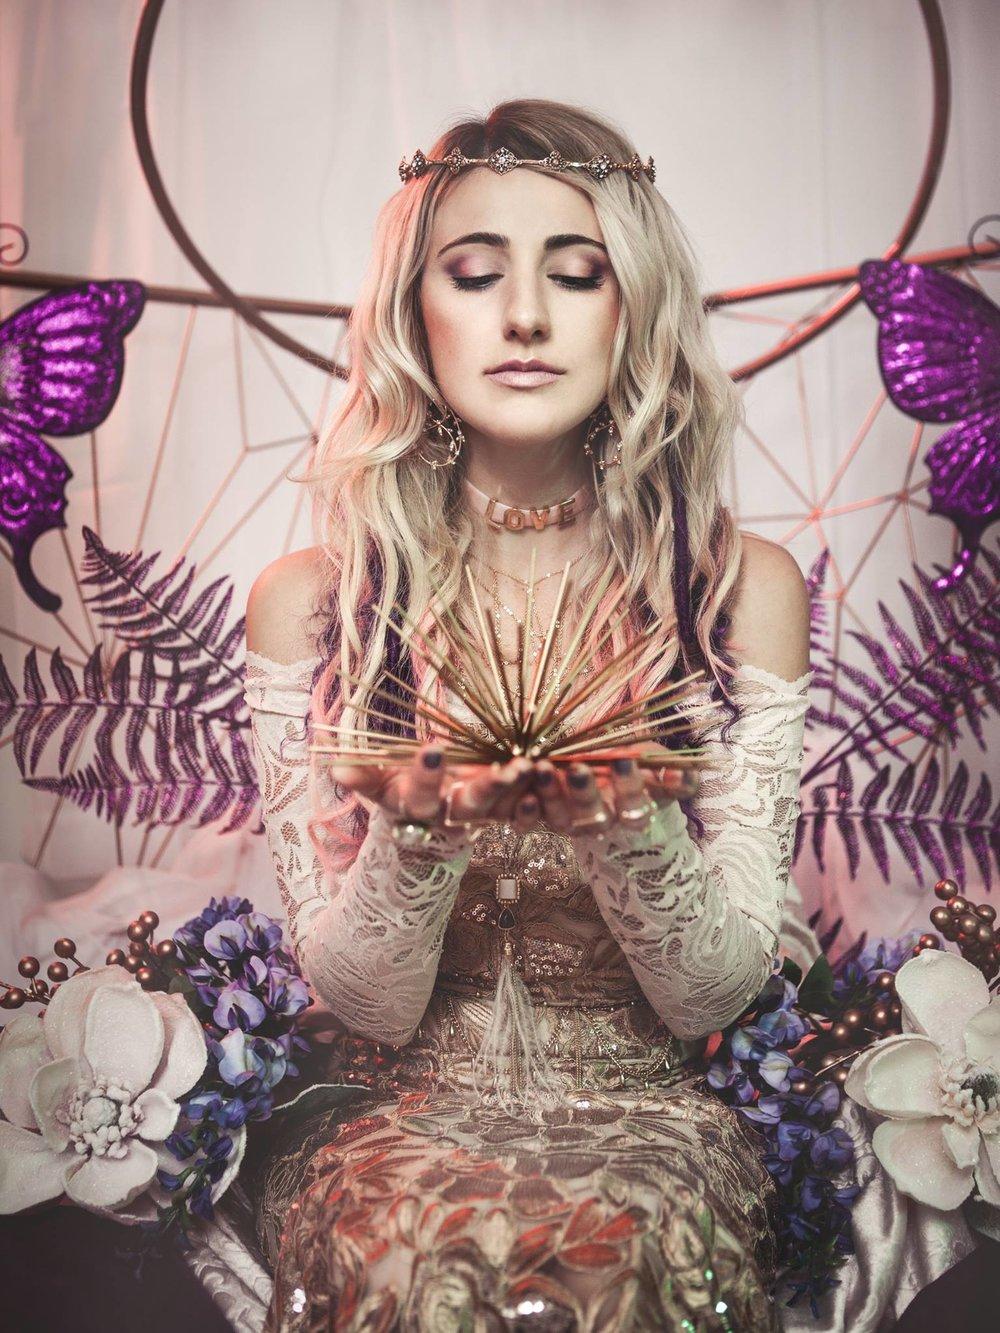 VERONNA - Indie-Pop